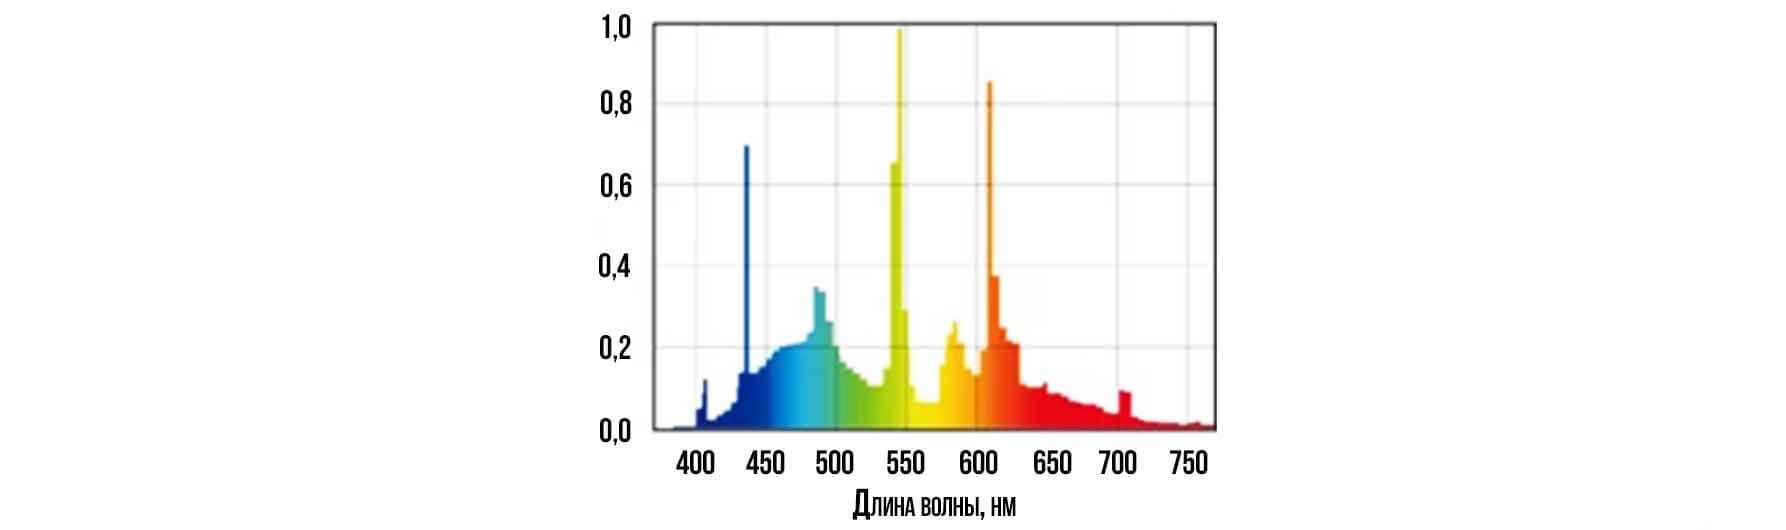 Спектральная характеристика люминесцентной лампы